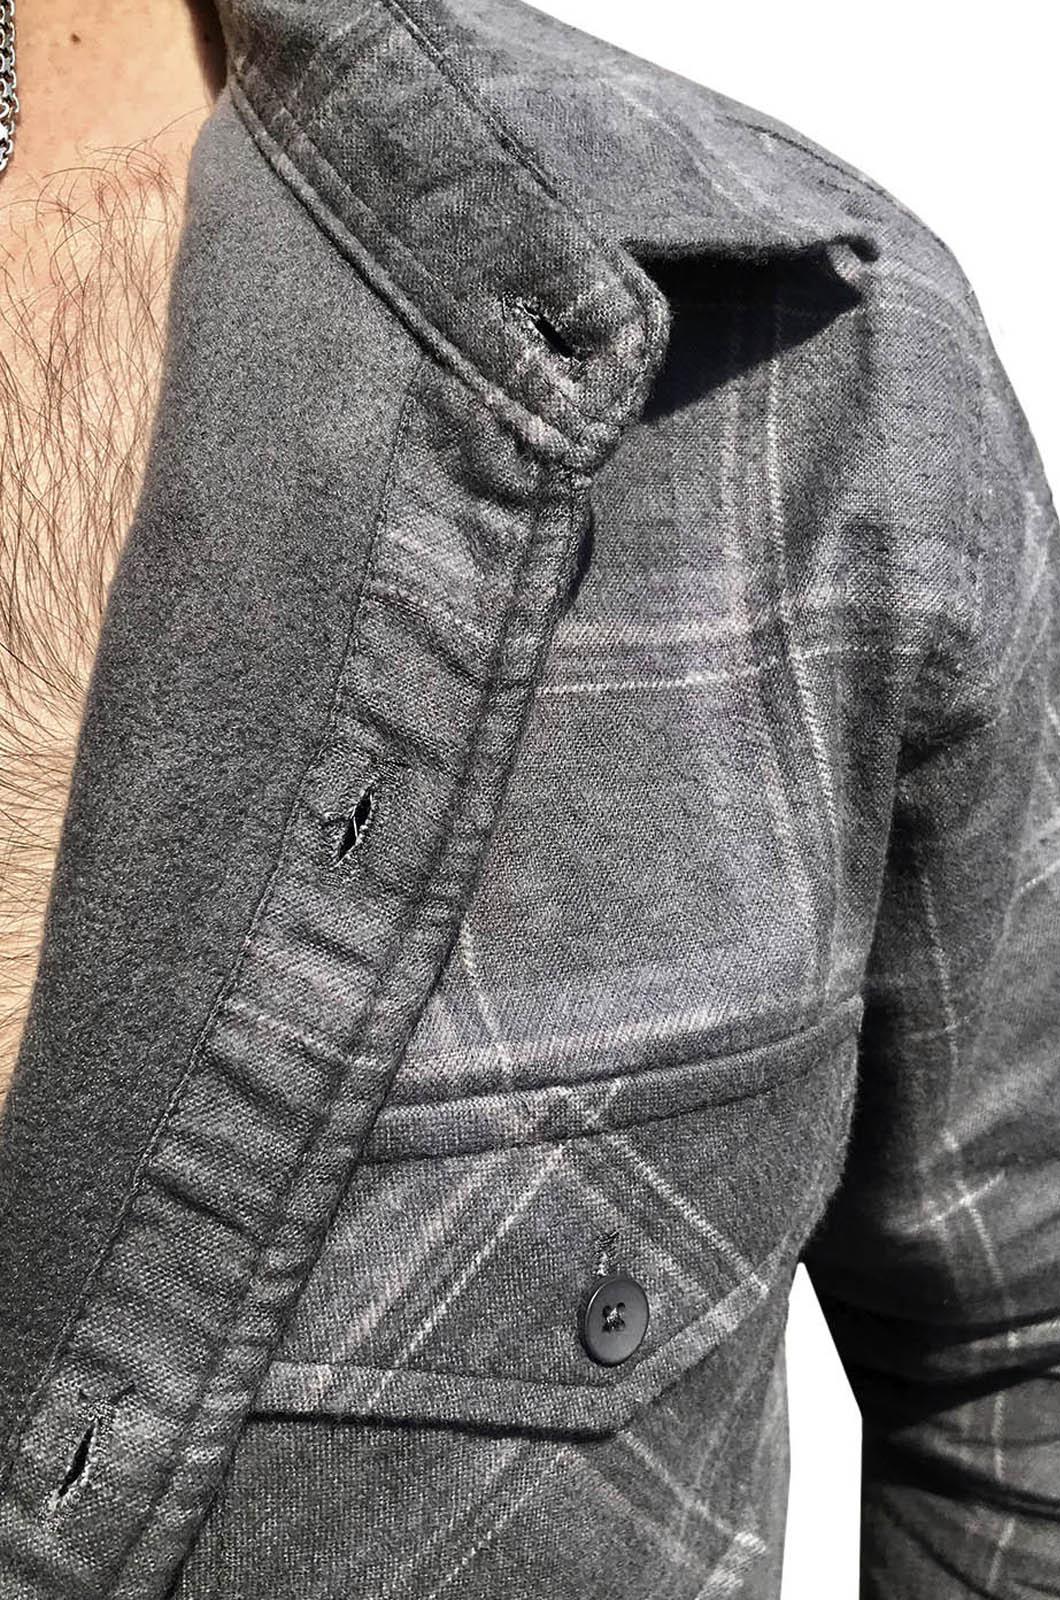 Класси - купить в розницуческая клетчатая рубашка с вышитым шевроном Снайпер